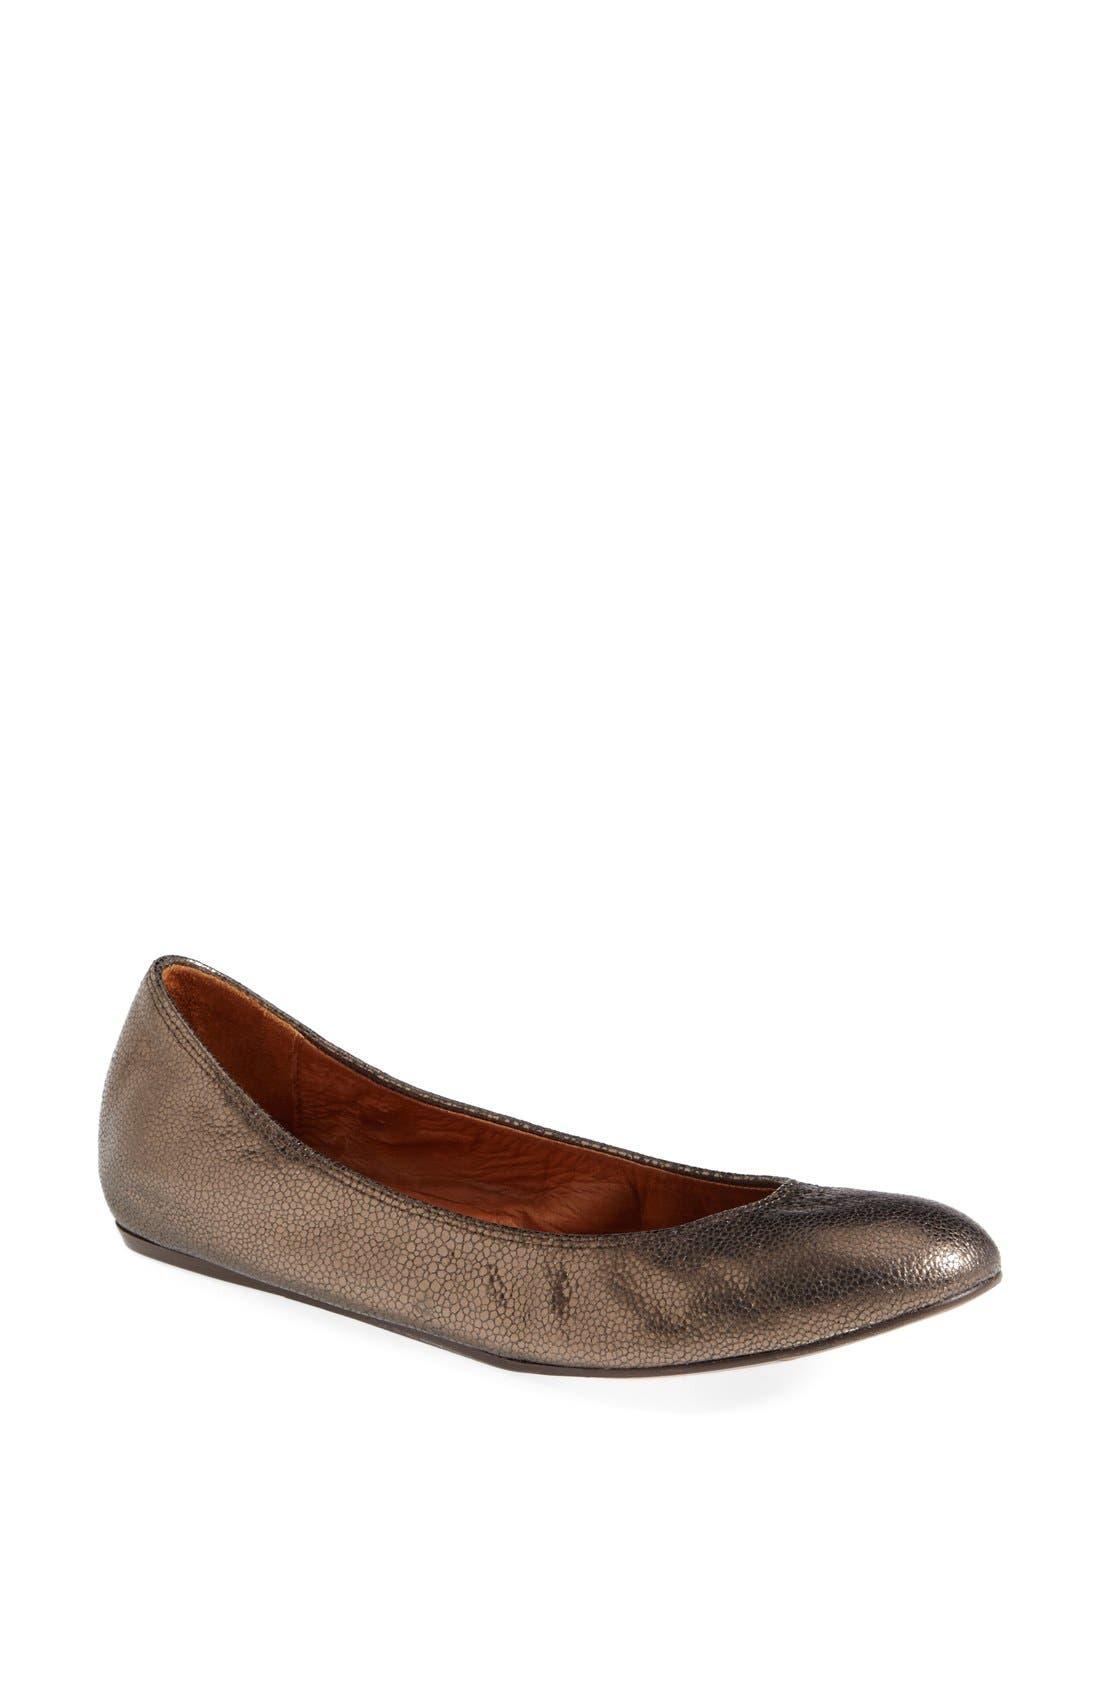 Main Image - Lanvin Metallic Leather Ballerina Flat (Women)